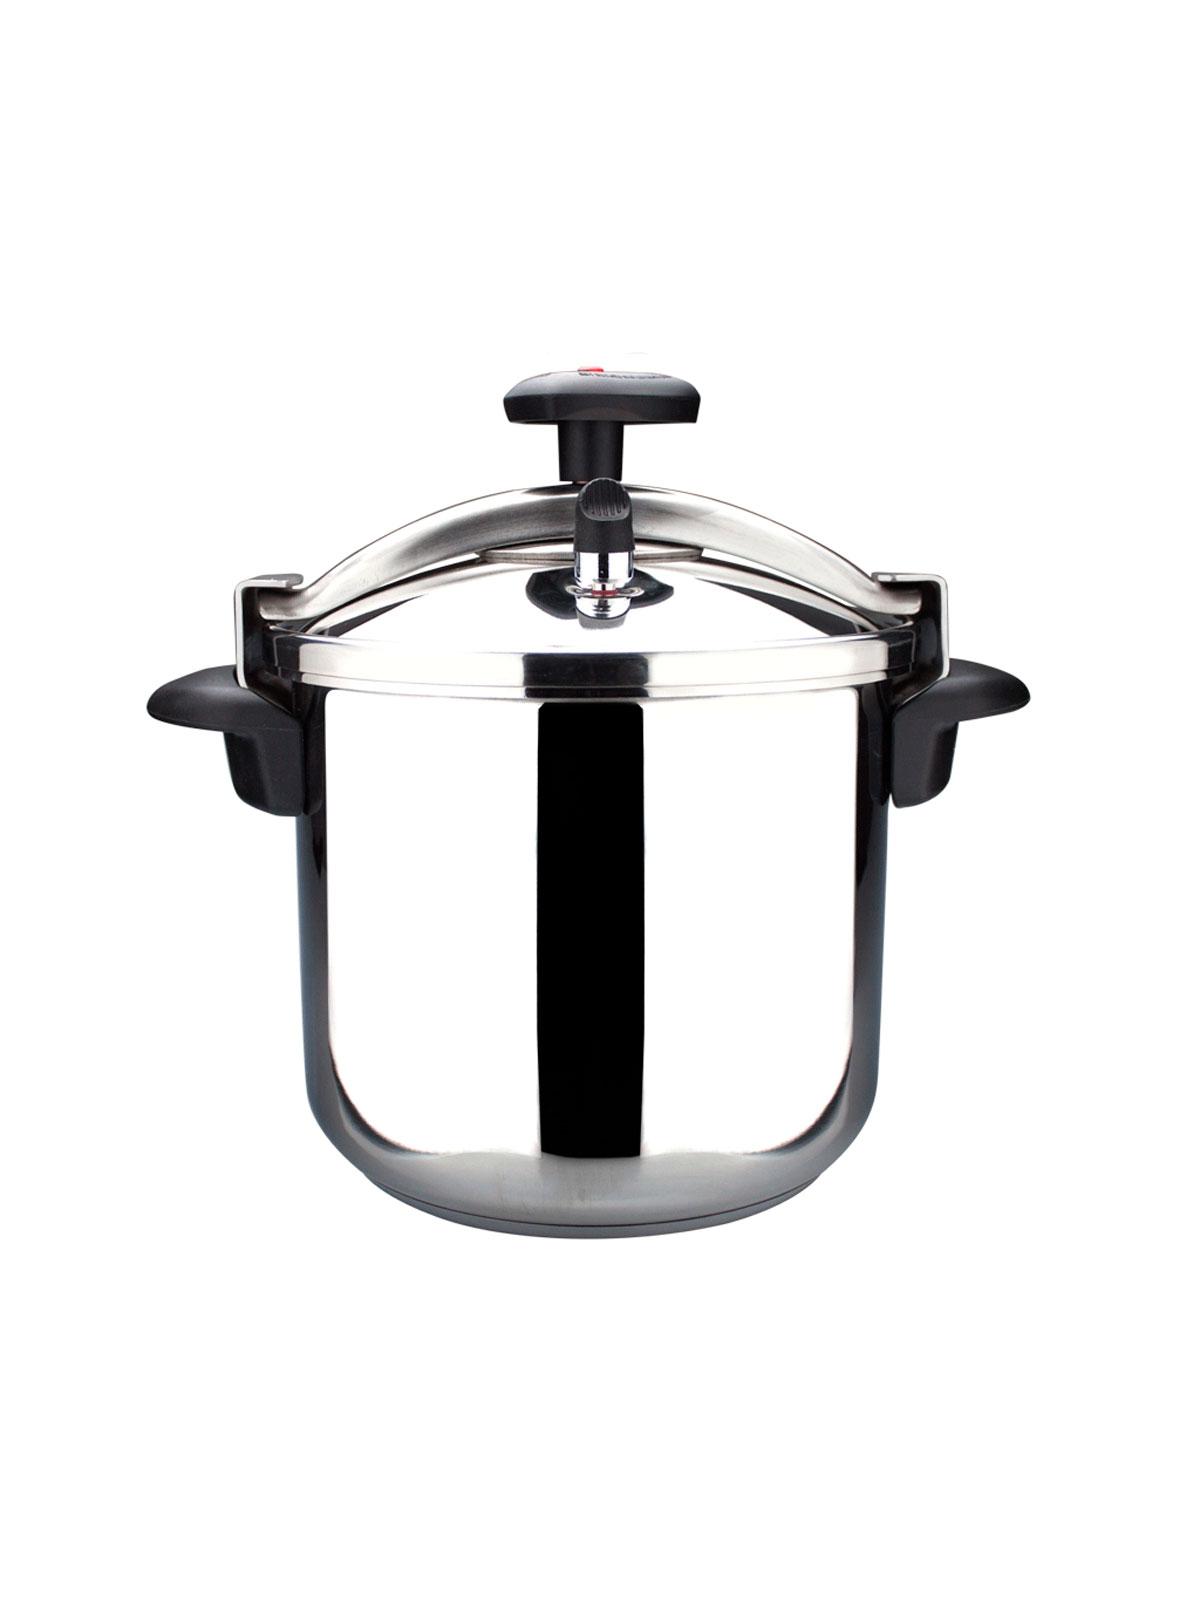 Mg01opstaco04 1 olla express tradicional star recta for Lista de menaje de cocina